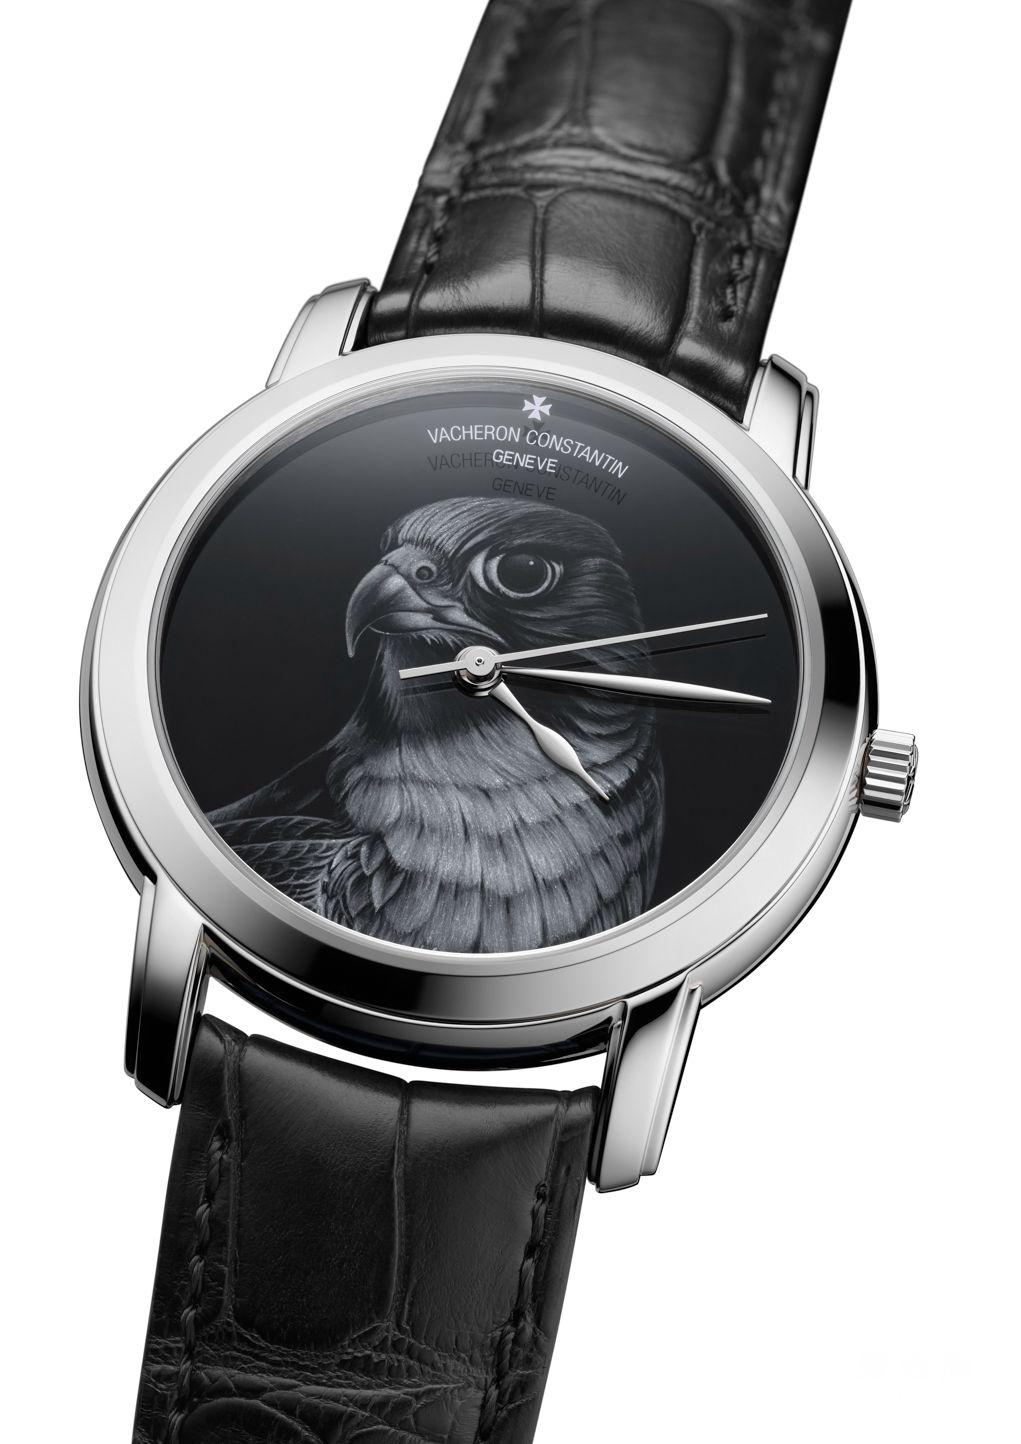 江诗丹顿Les Cabinotiers阁楼工匠灰阶珐琅 腕表:以猎鹰之姿驯服时光